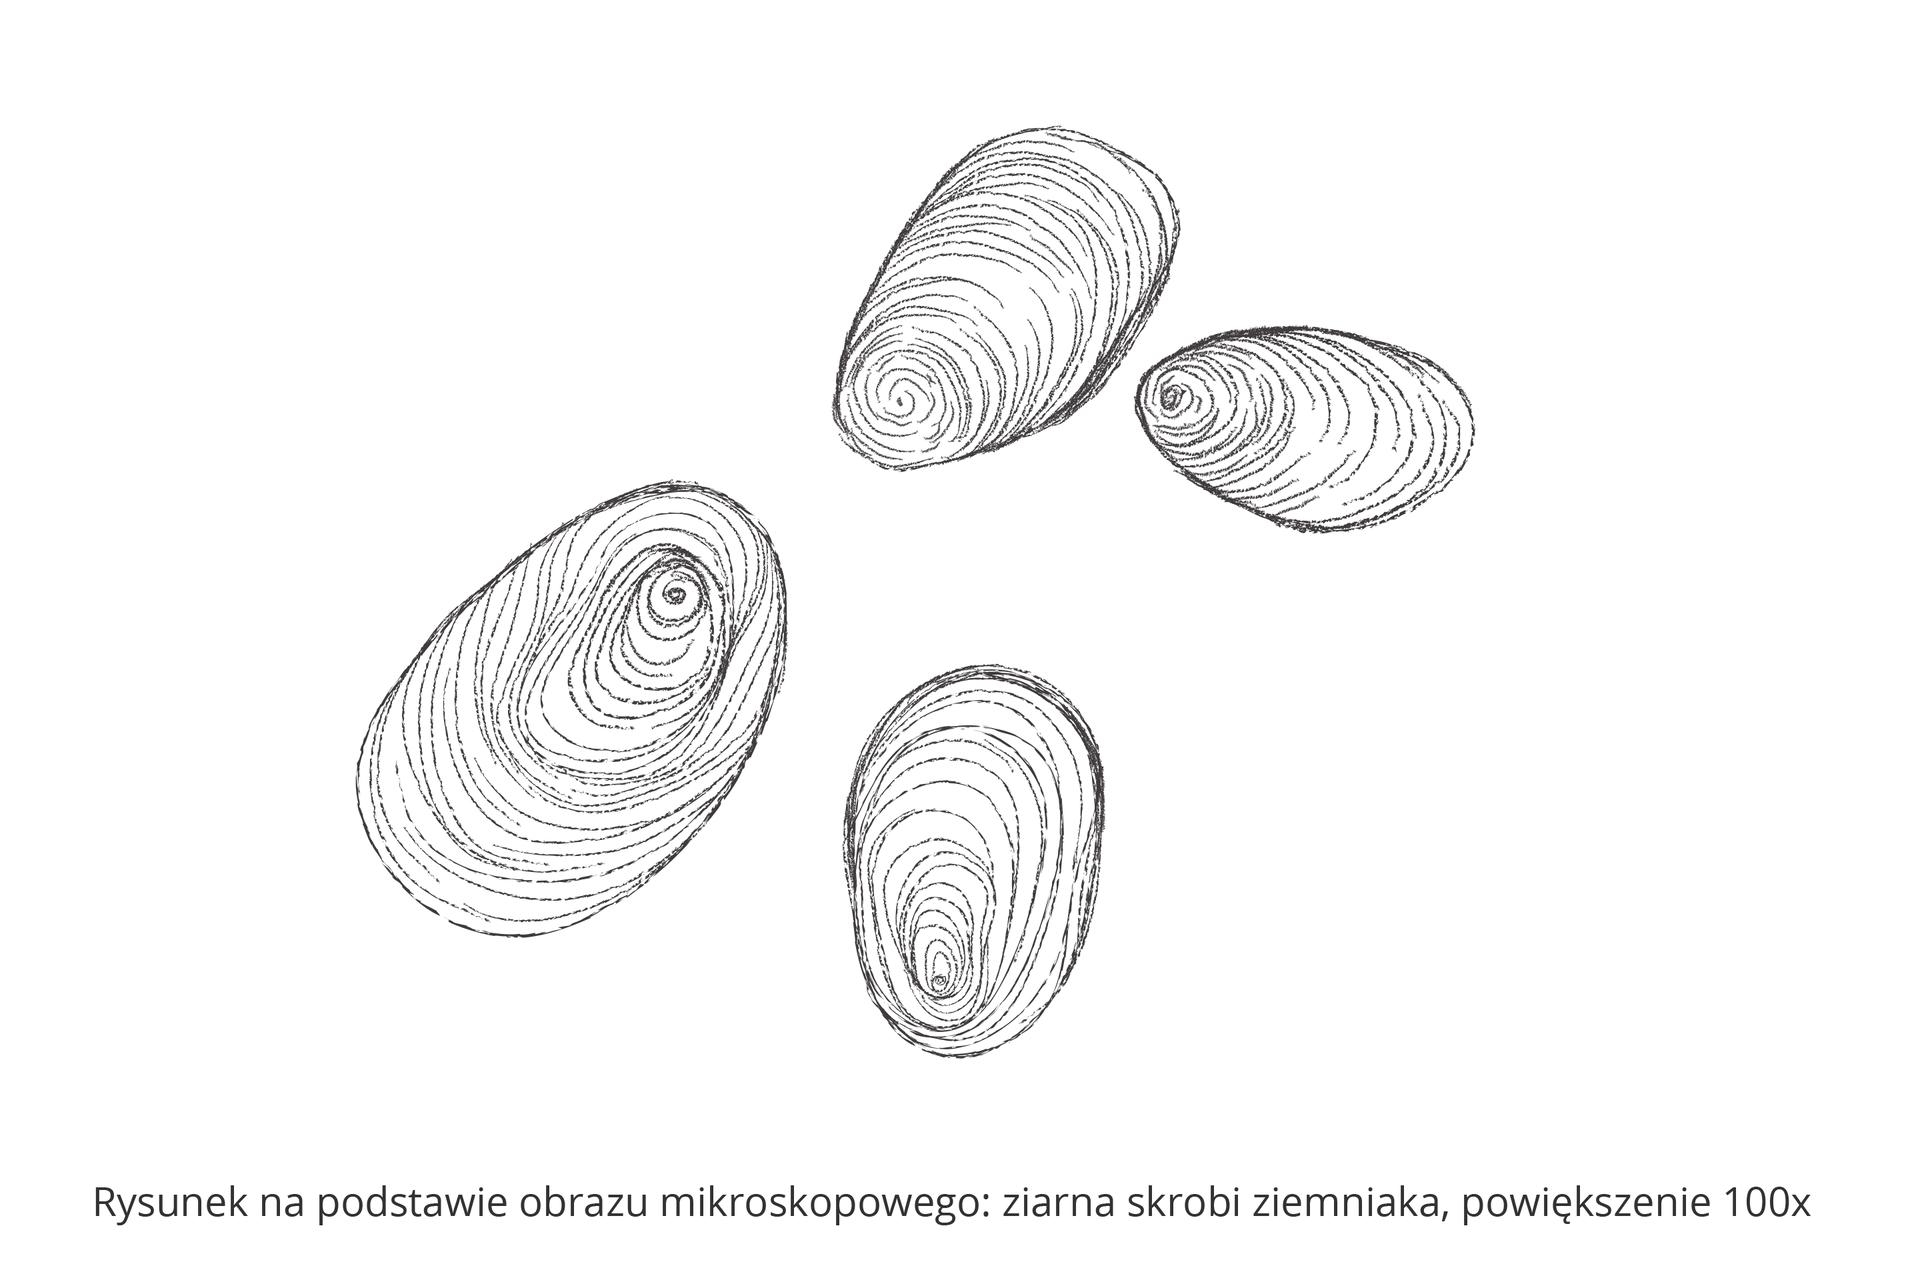 Ilustracja przedstawia odręczny rysunek ziaren skrobi oglądanych przez mikroskop. Ziarna są jajowate, widać na nich koncentrycznie ułożone linie.